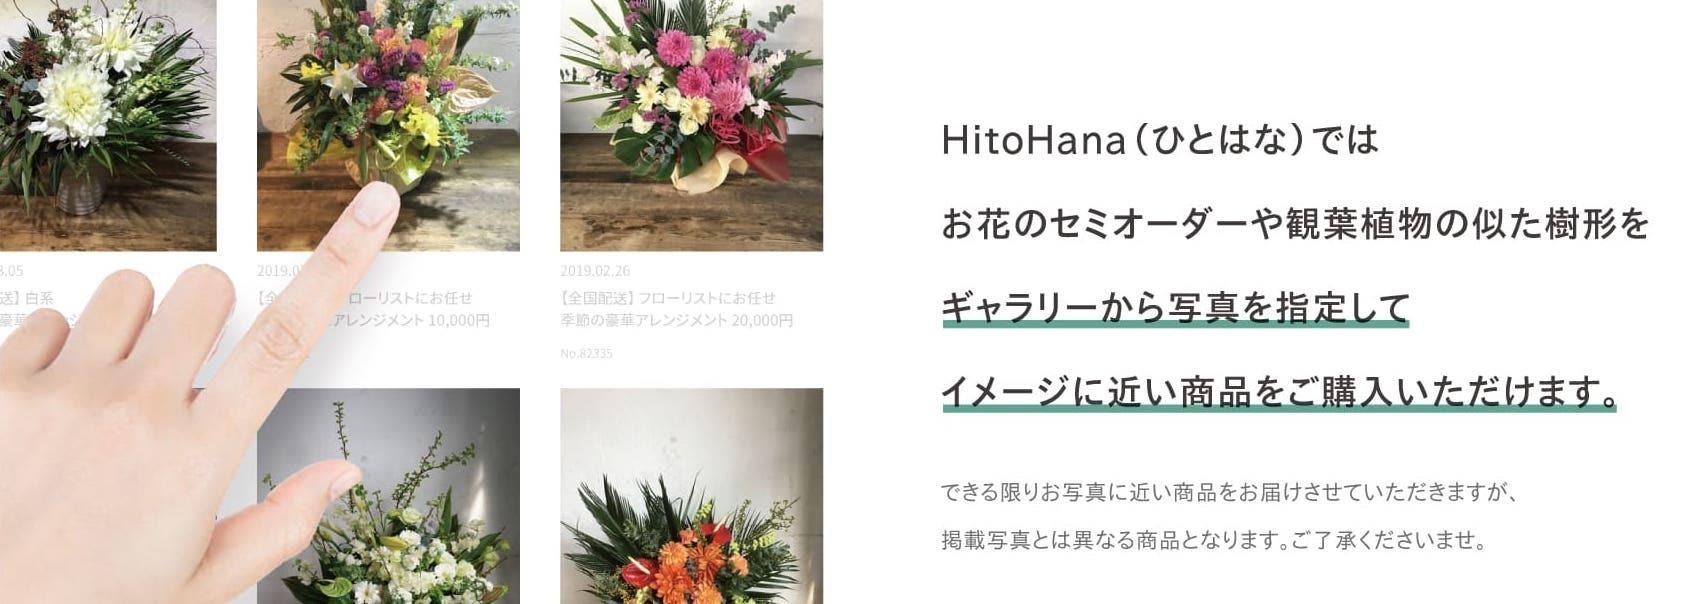 お祝い ギャラリー写真 - お花と植物のギフト通販 HitoHana(ひとはな)